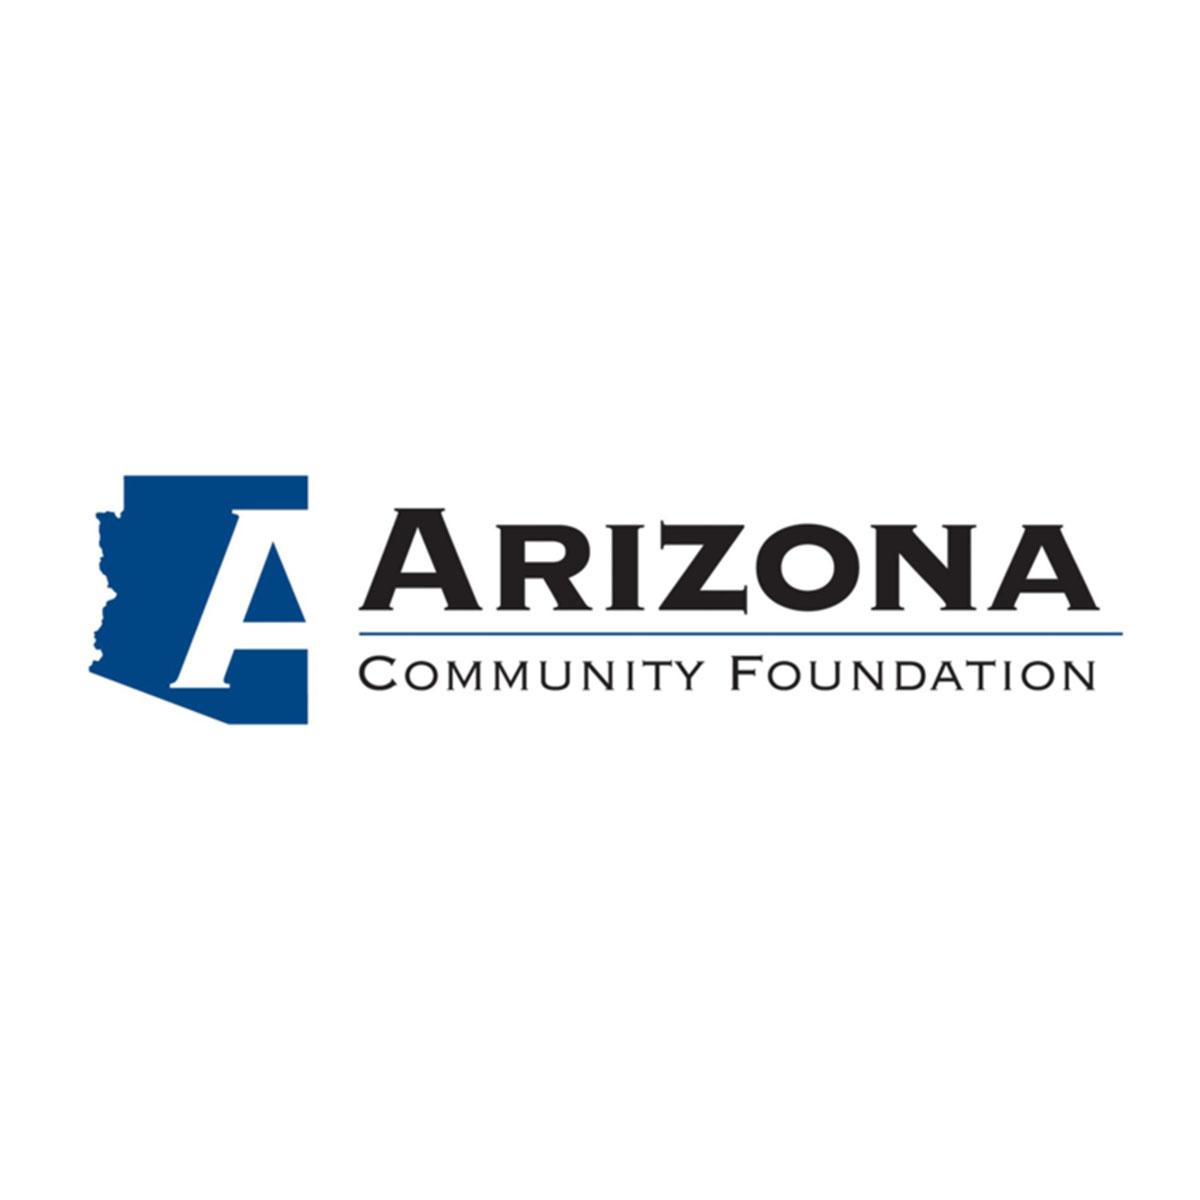 arizona community foundation.jpg